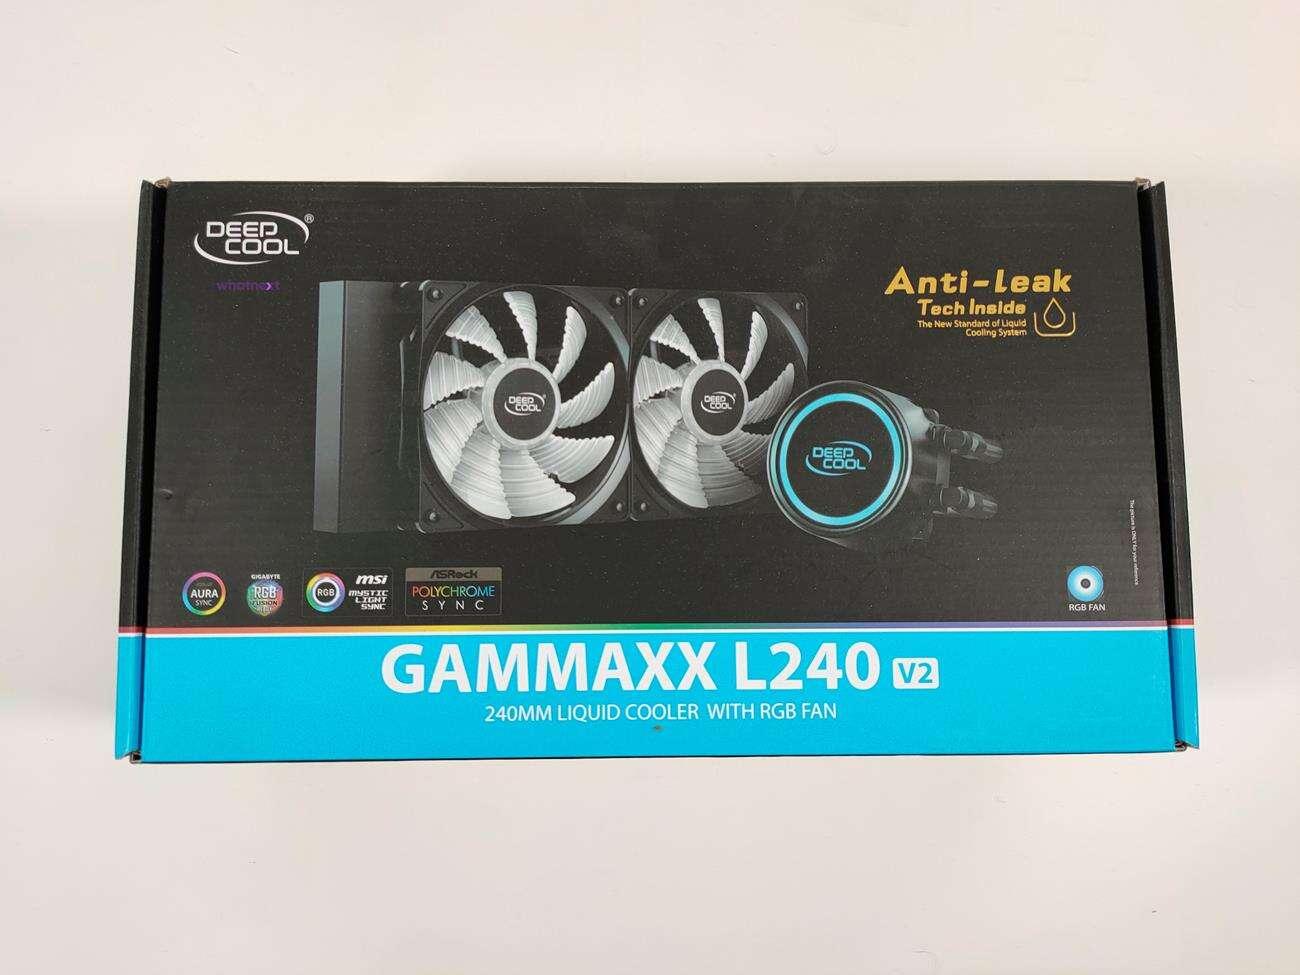 test Deepcool Gammaxx L240 v2, recenzja Deepcool Gammaxx L240 v2, review Deepcool Gammaxx L240 v2, opinia Deepcool Gammaxx L240 v2